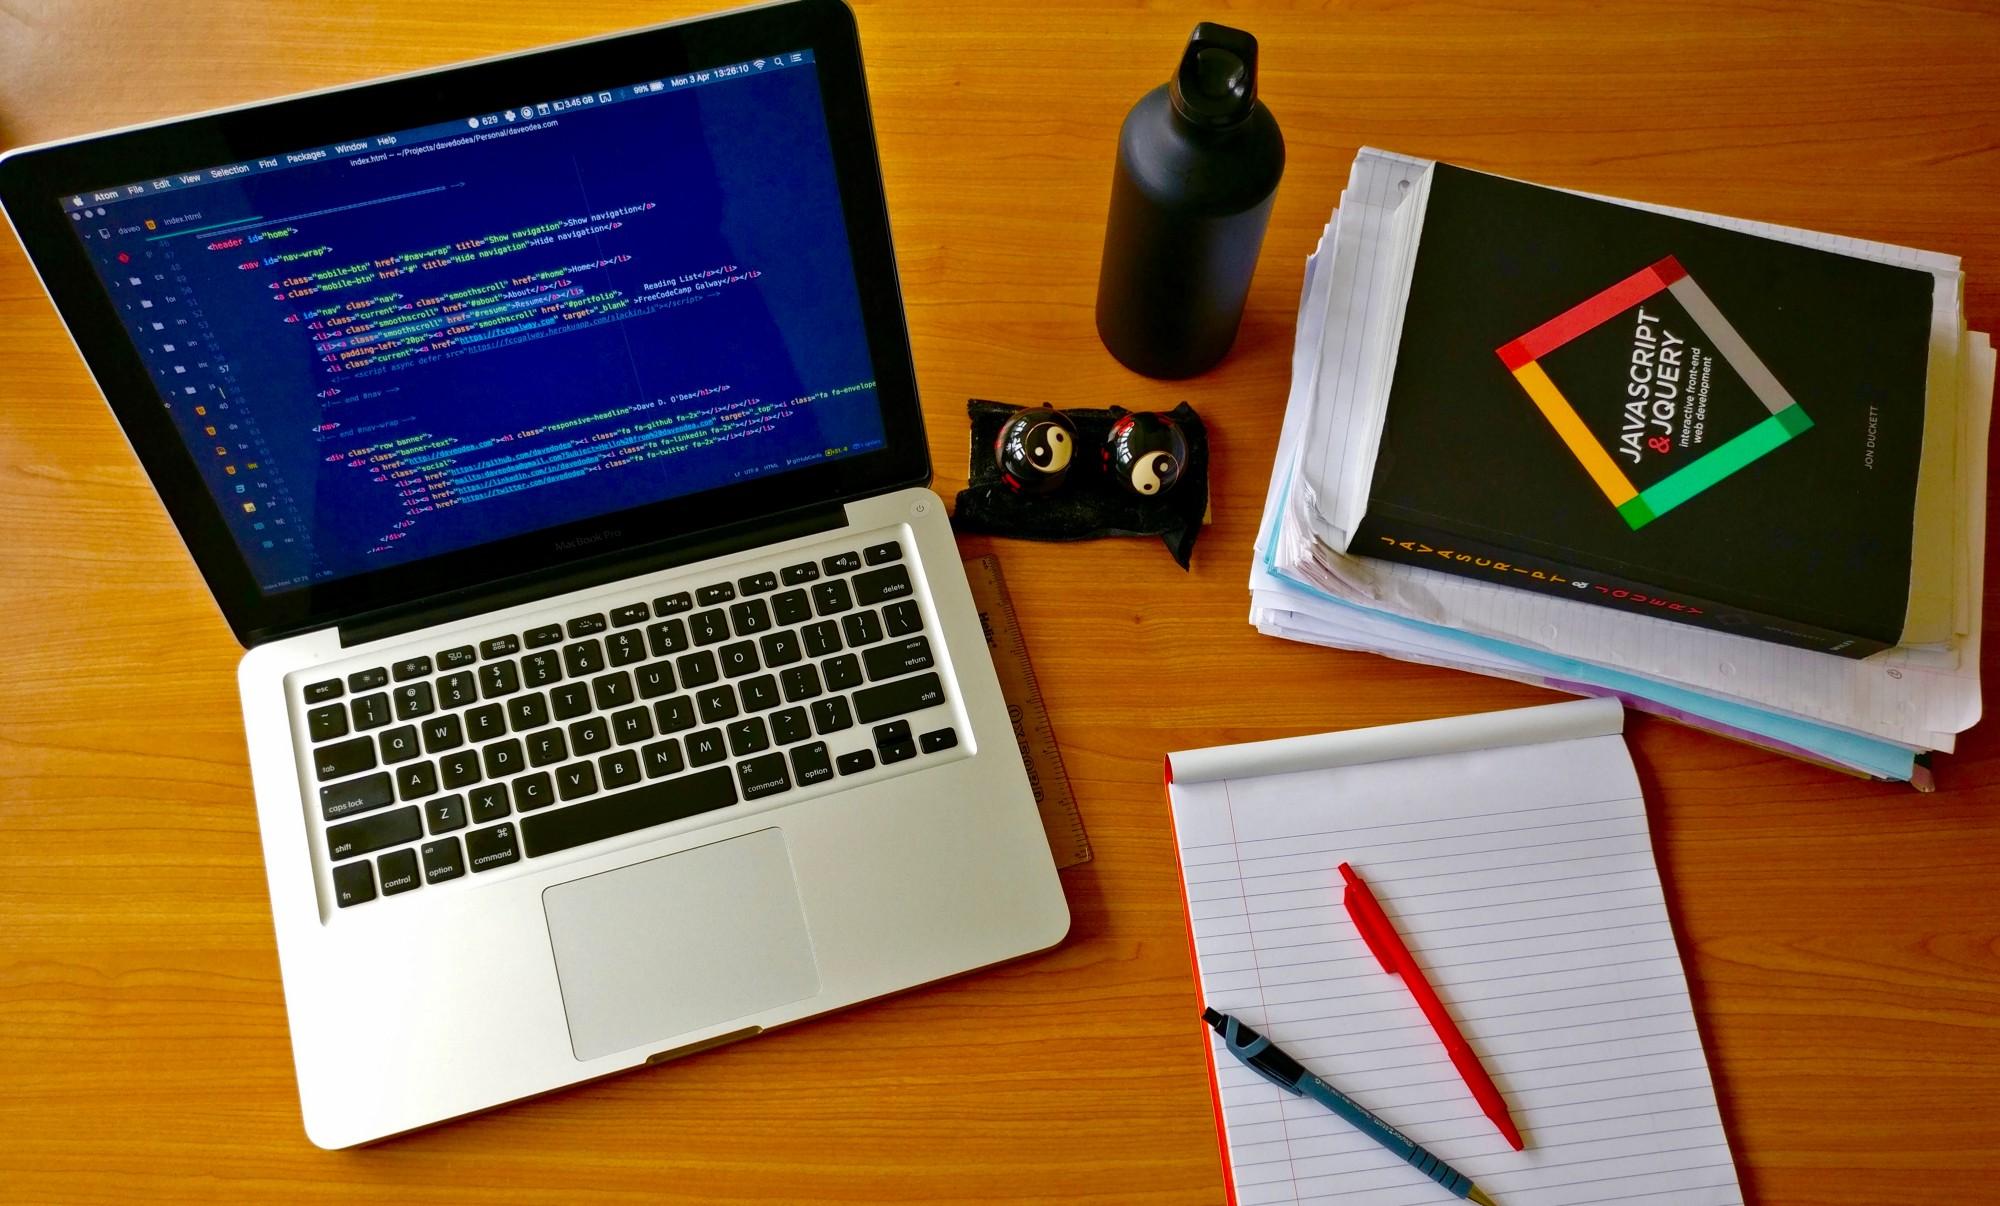 نکات مهم برای دانشجویانی که قصد دارند برنامه نویس شوند